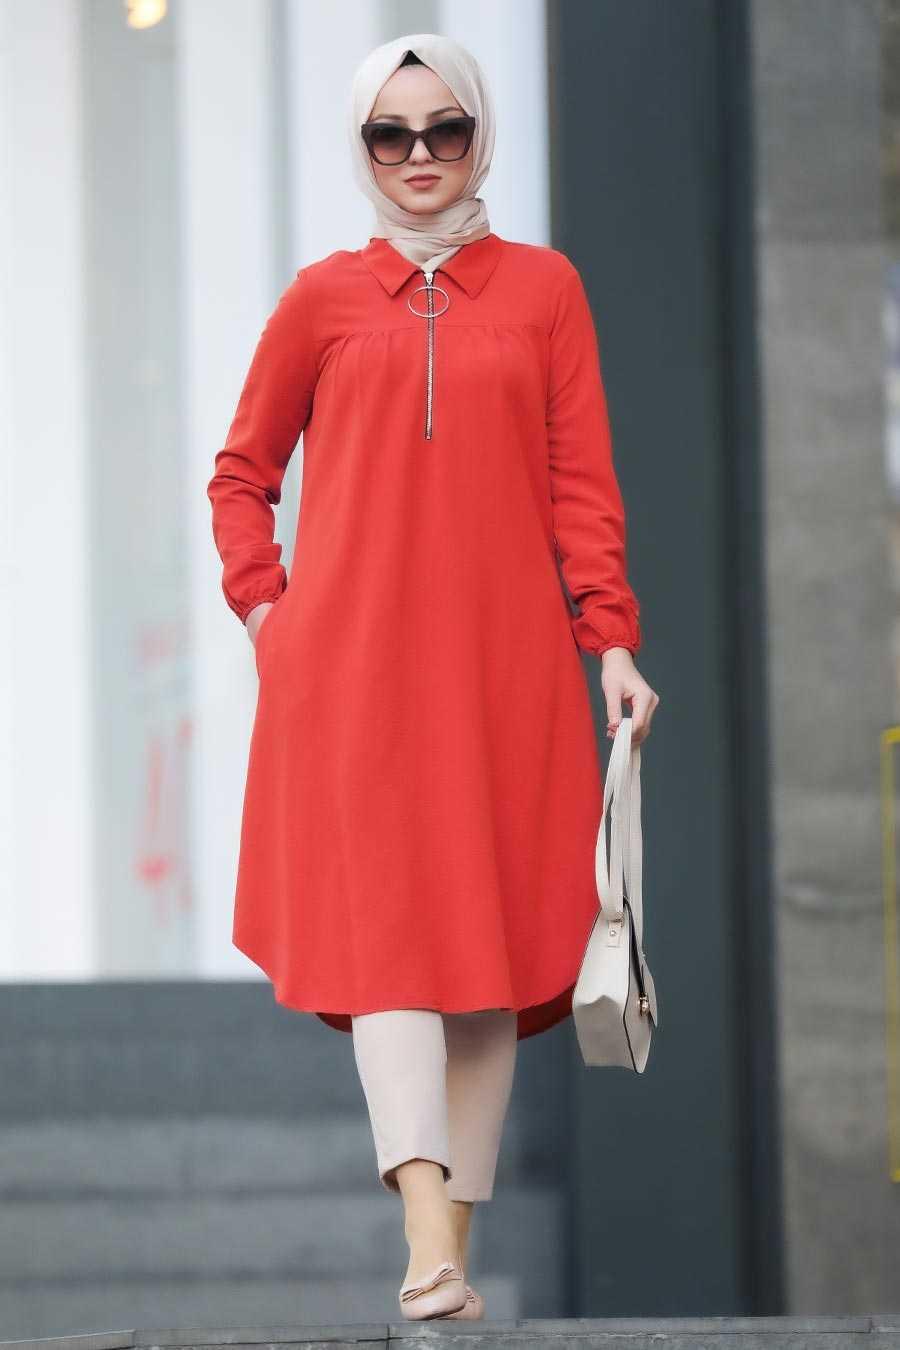 Reddish Orange Hijab Tunic 467NC